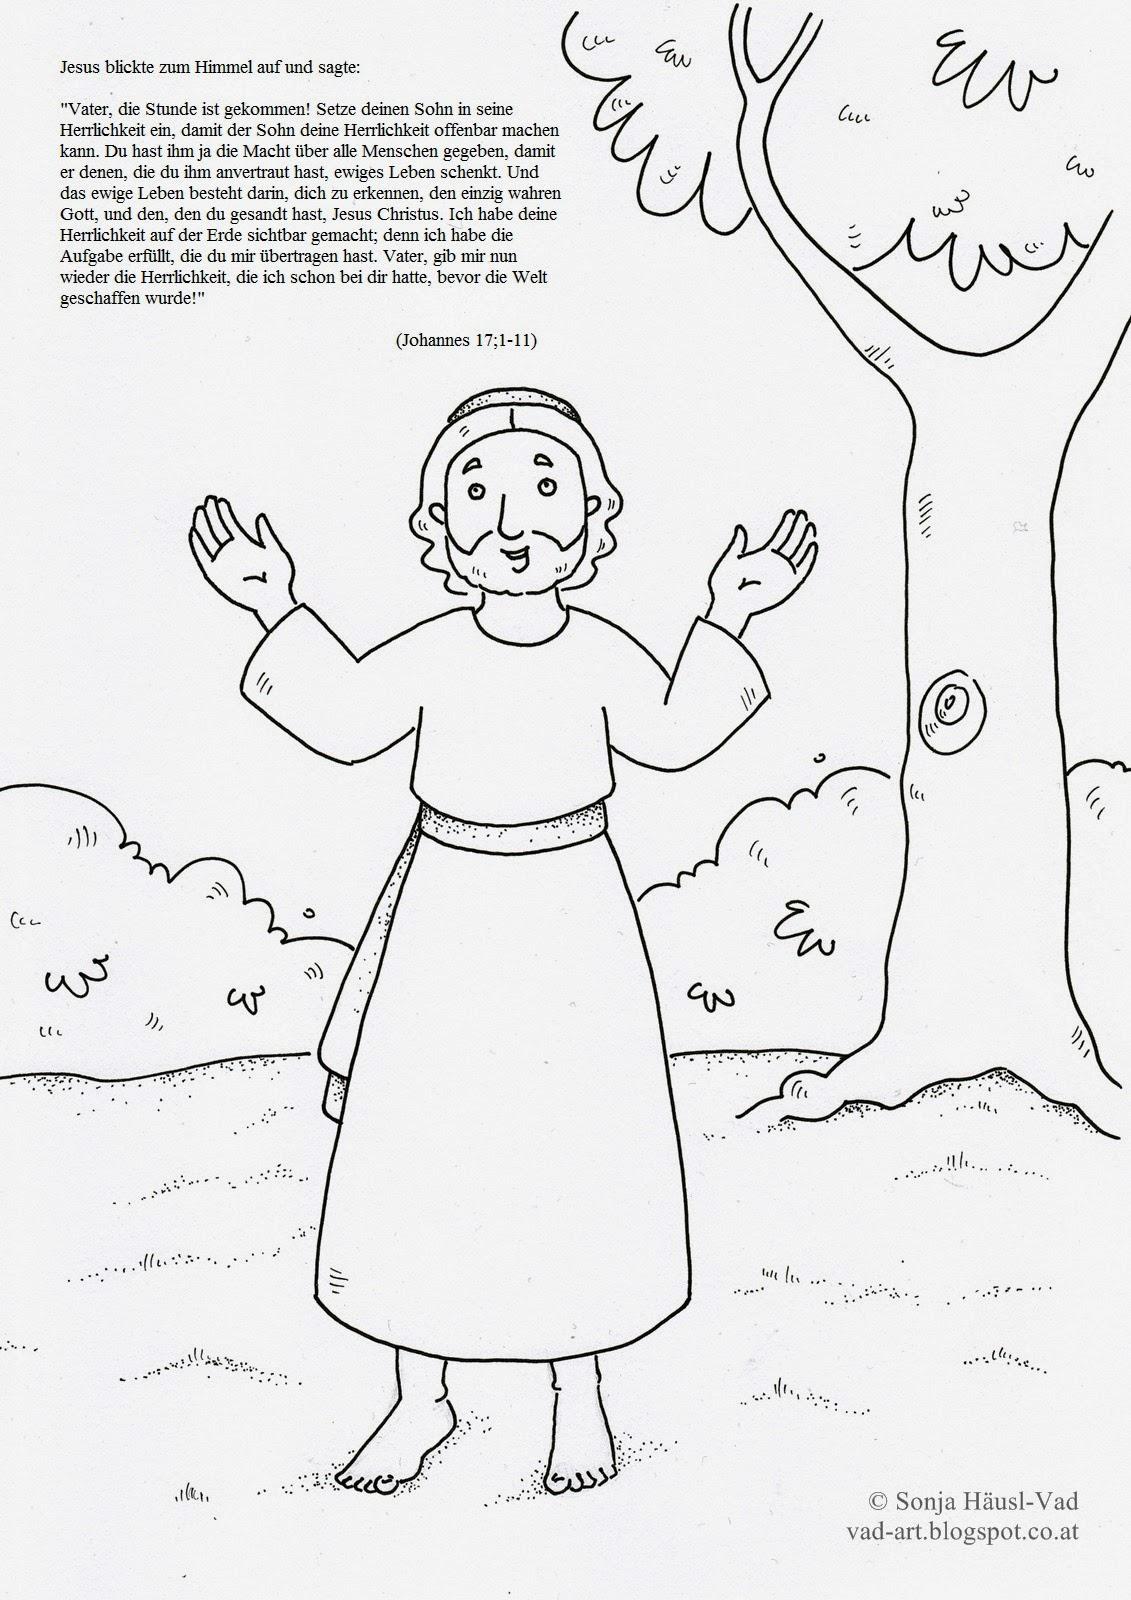 Charmant Bibel Malvorlagen Jesus Bilder - Malvorlagen Von Tieren ...